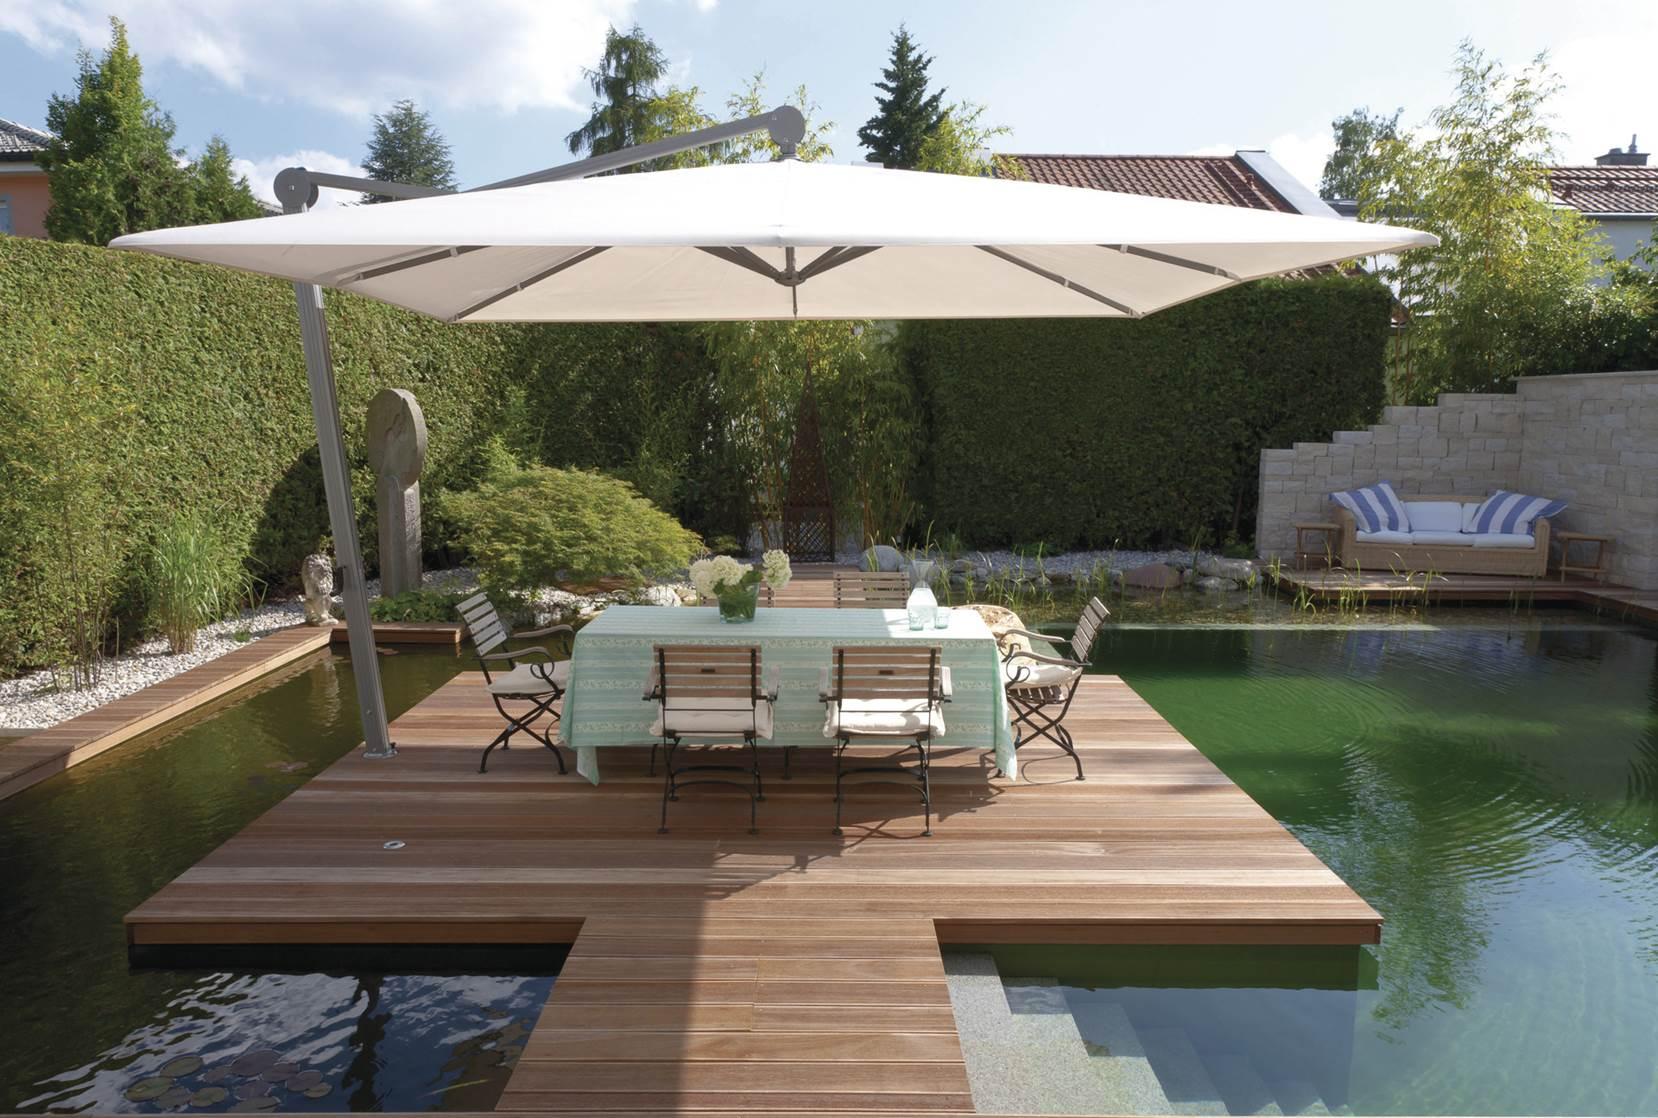 schwimmteiche gartenbau gartenplanung landschaftsbau. Black Bedroom Furniture Sets. Home Design Ideas